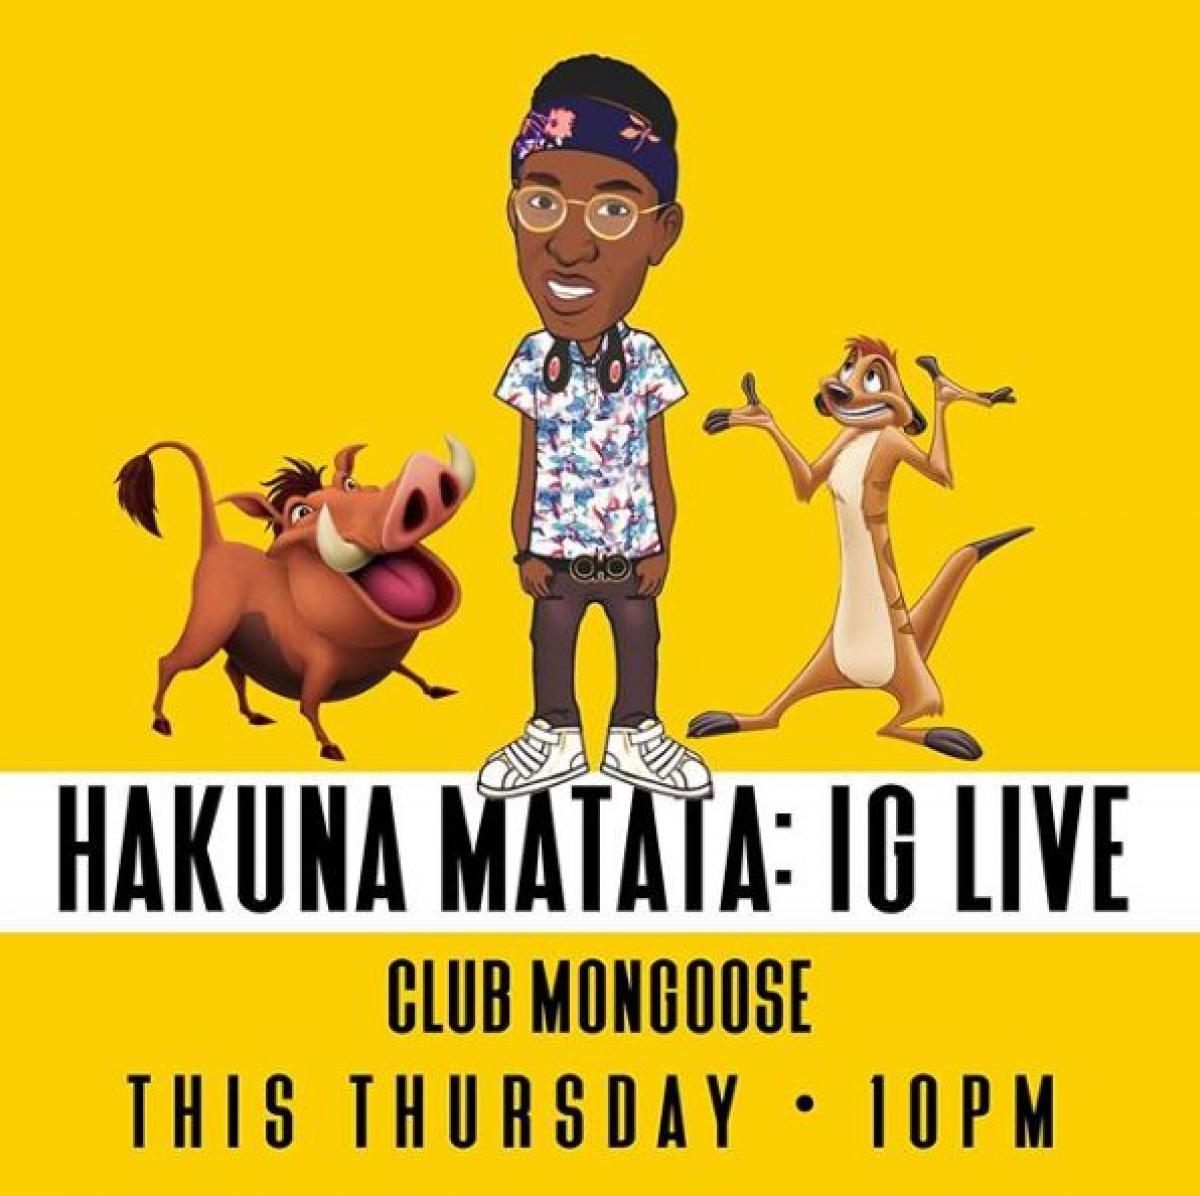 Hakuna Matata Live flyer or graphic.